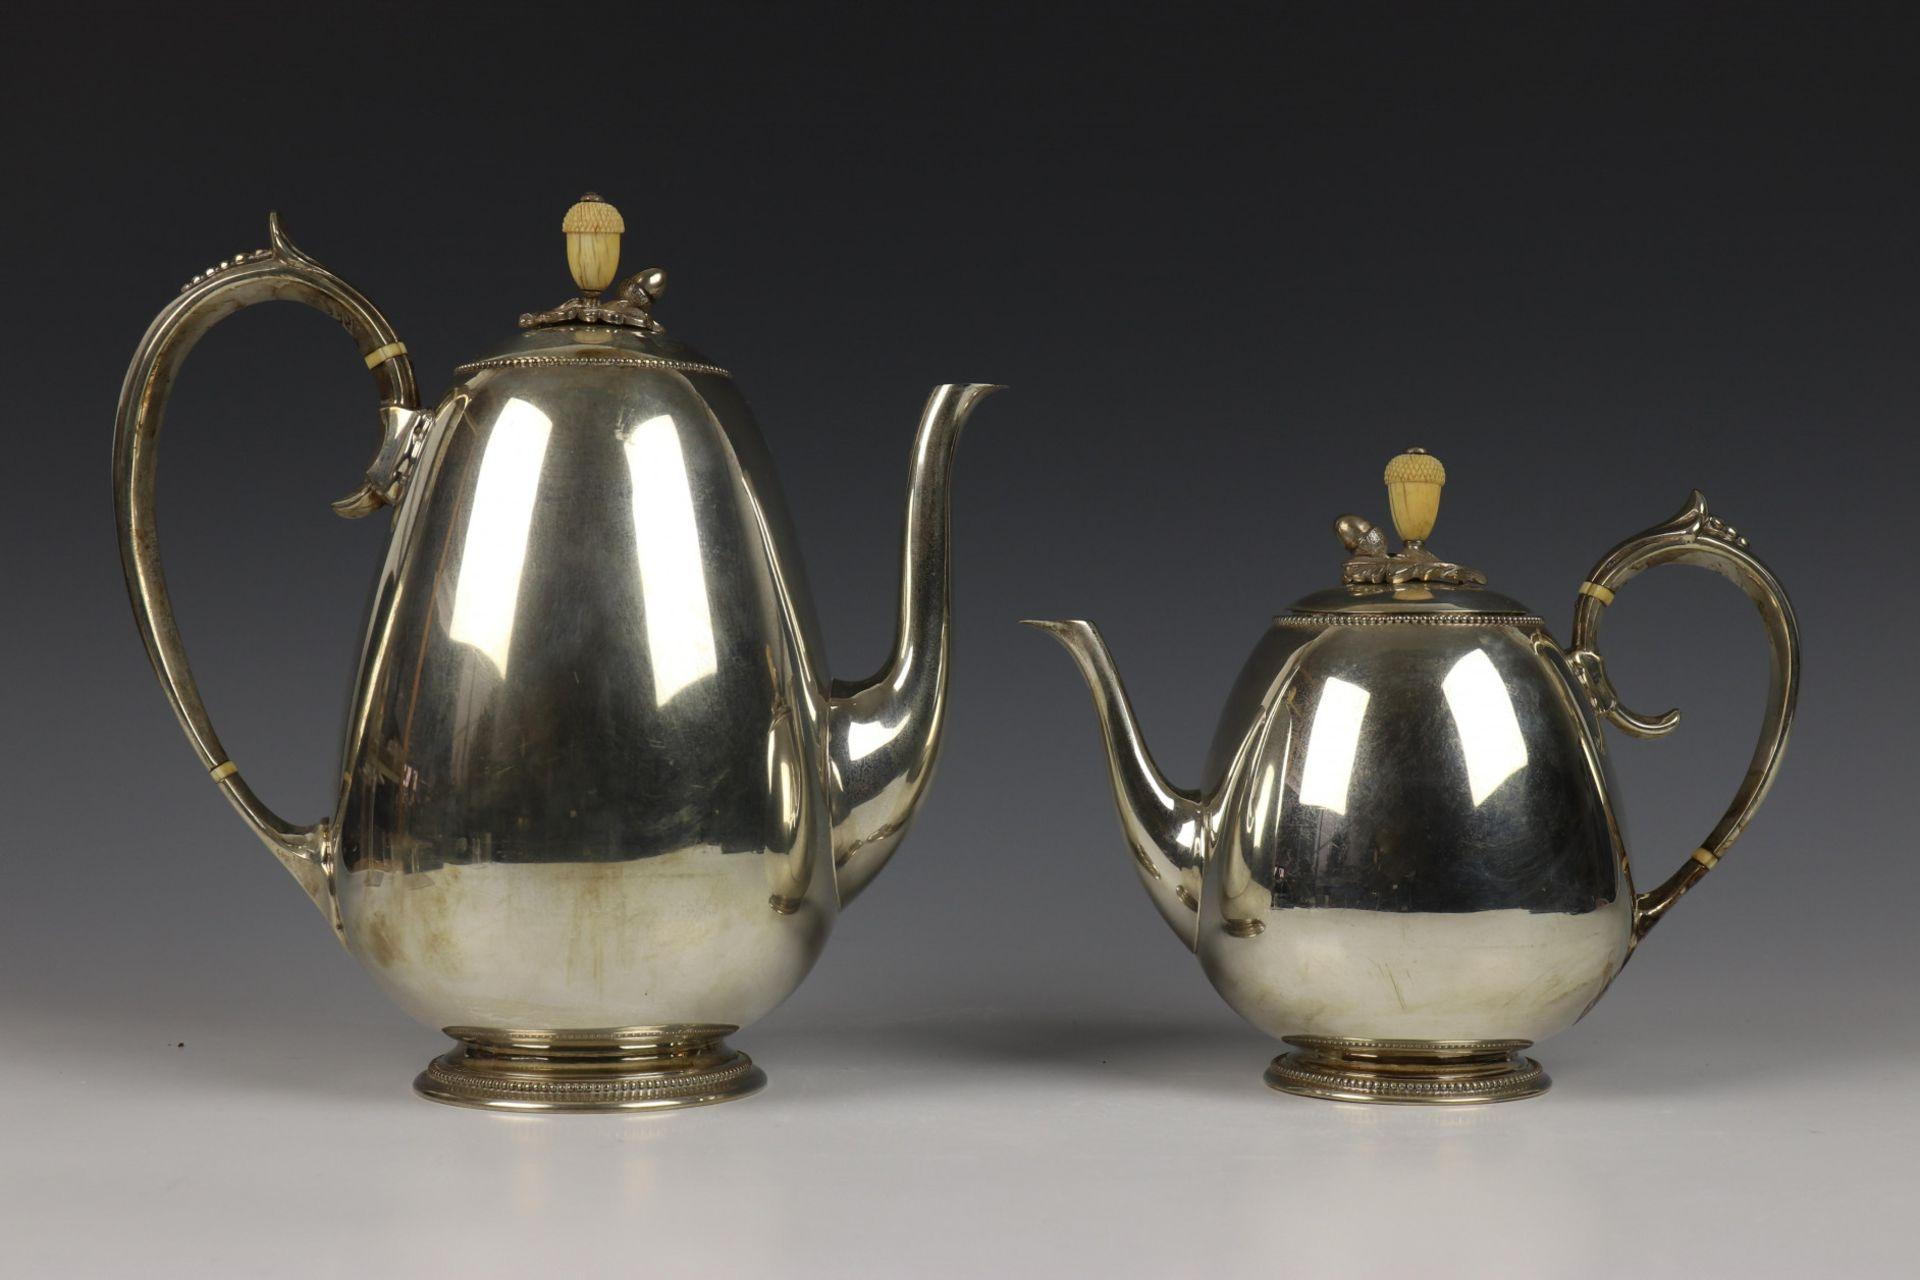 Vierdelig koffie- en theeservies, Fa. J.M. van Kempen, 19e eeuw, - Image 3 of 4